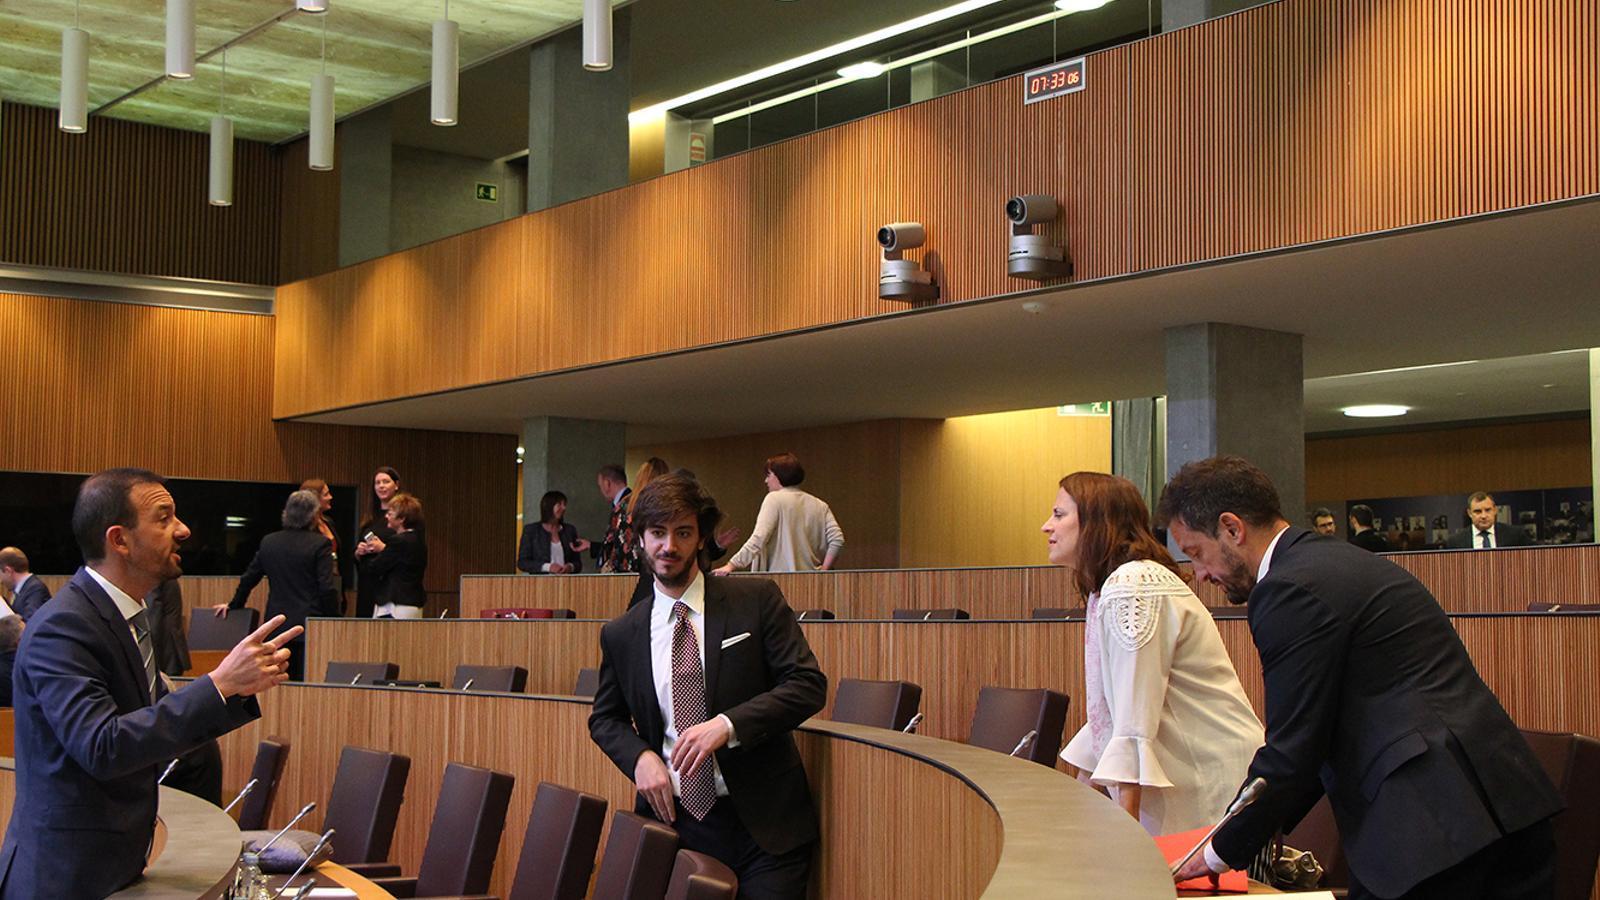 El ministre d'Ordenament Territorial, Jordi Torres, conversa amb els consellers del PS Rosa Gili i Pere López. / M. F. (ANA)